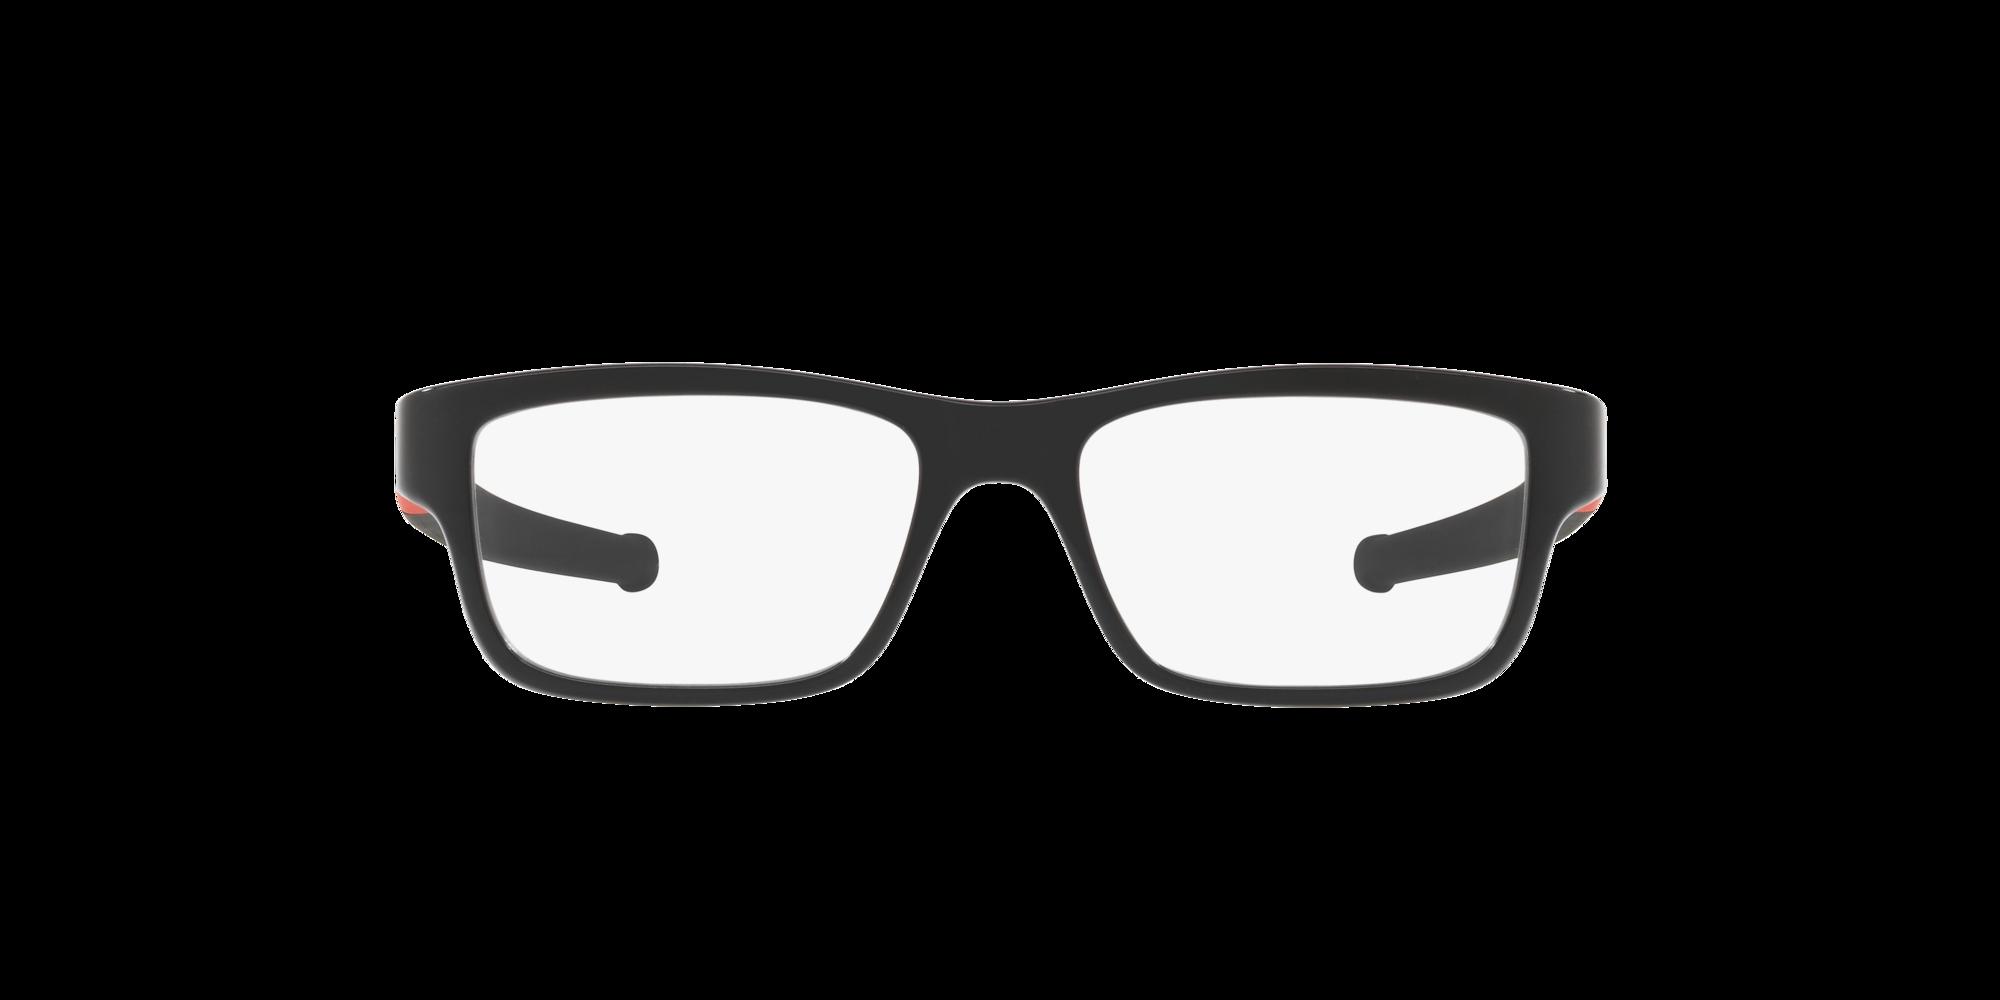 Imagen para OY8005 MARSHAL XS de LensCrafters |  Espejuelos, espejuelos graduados en línea, gafas